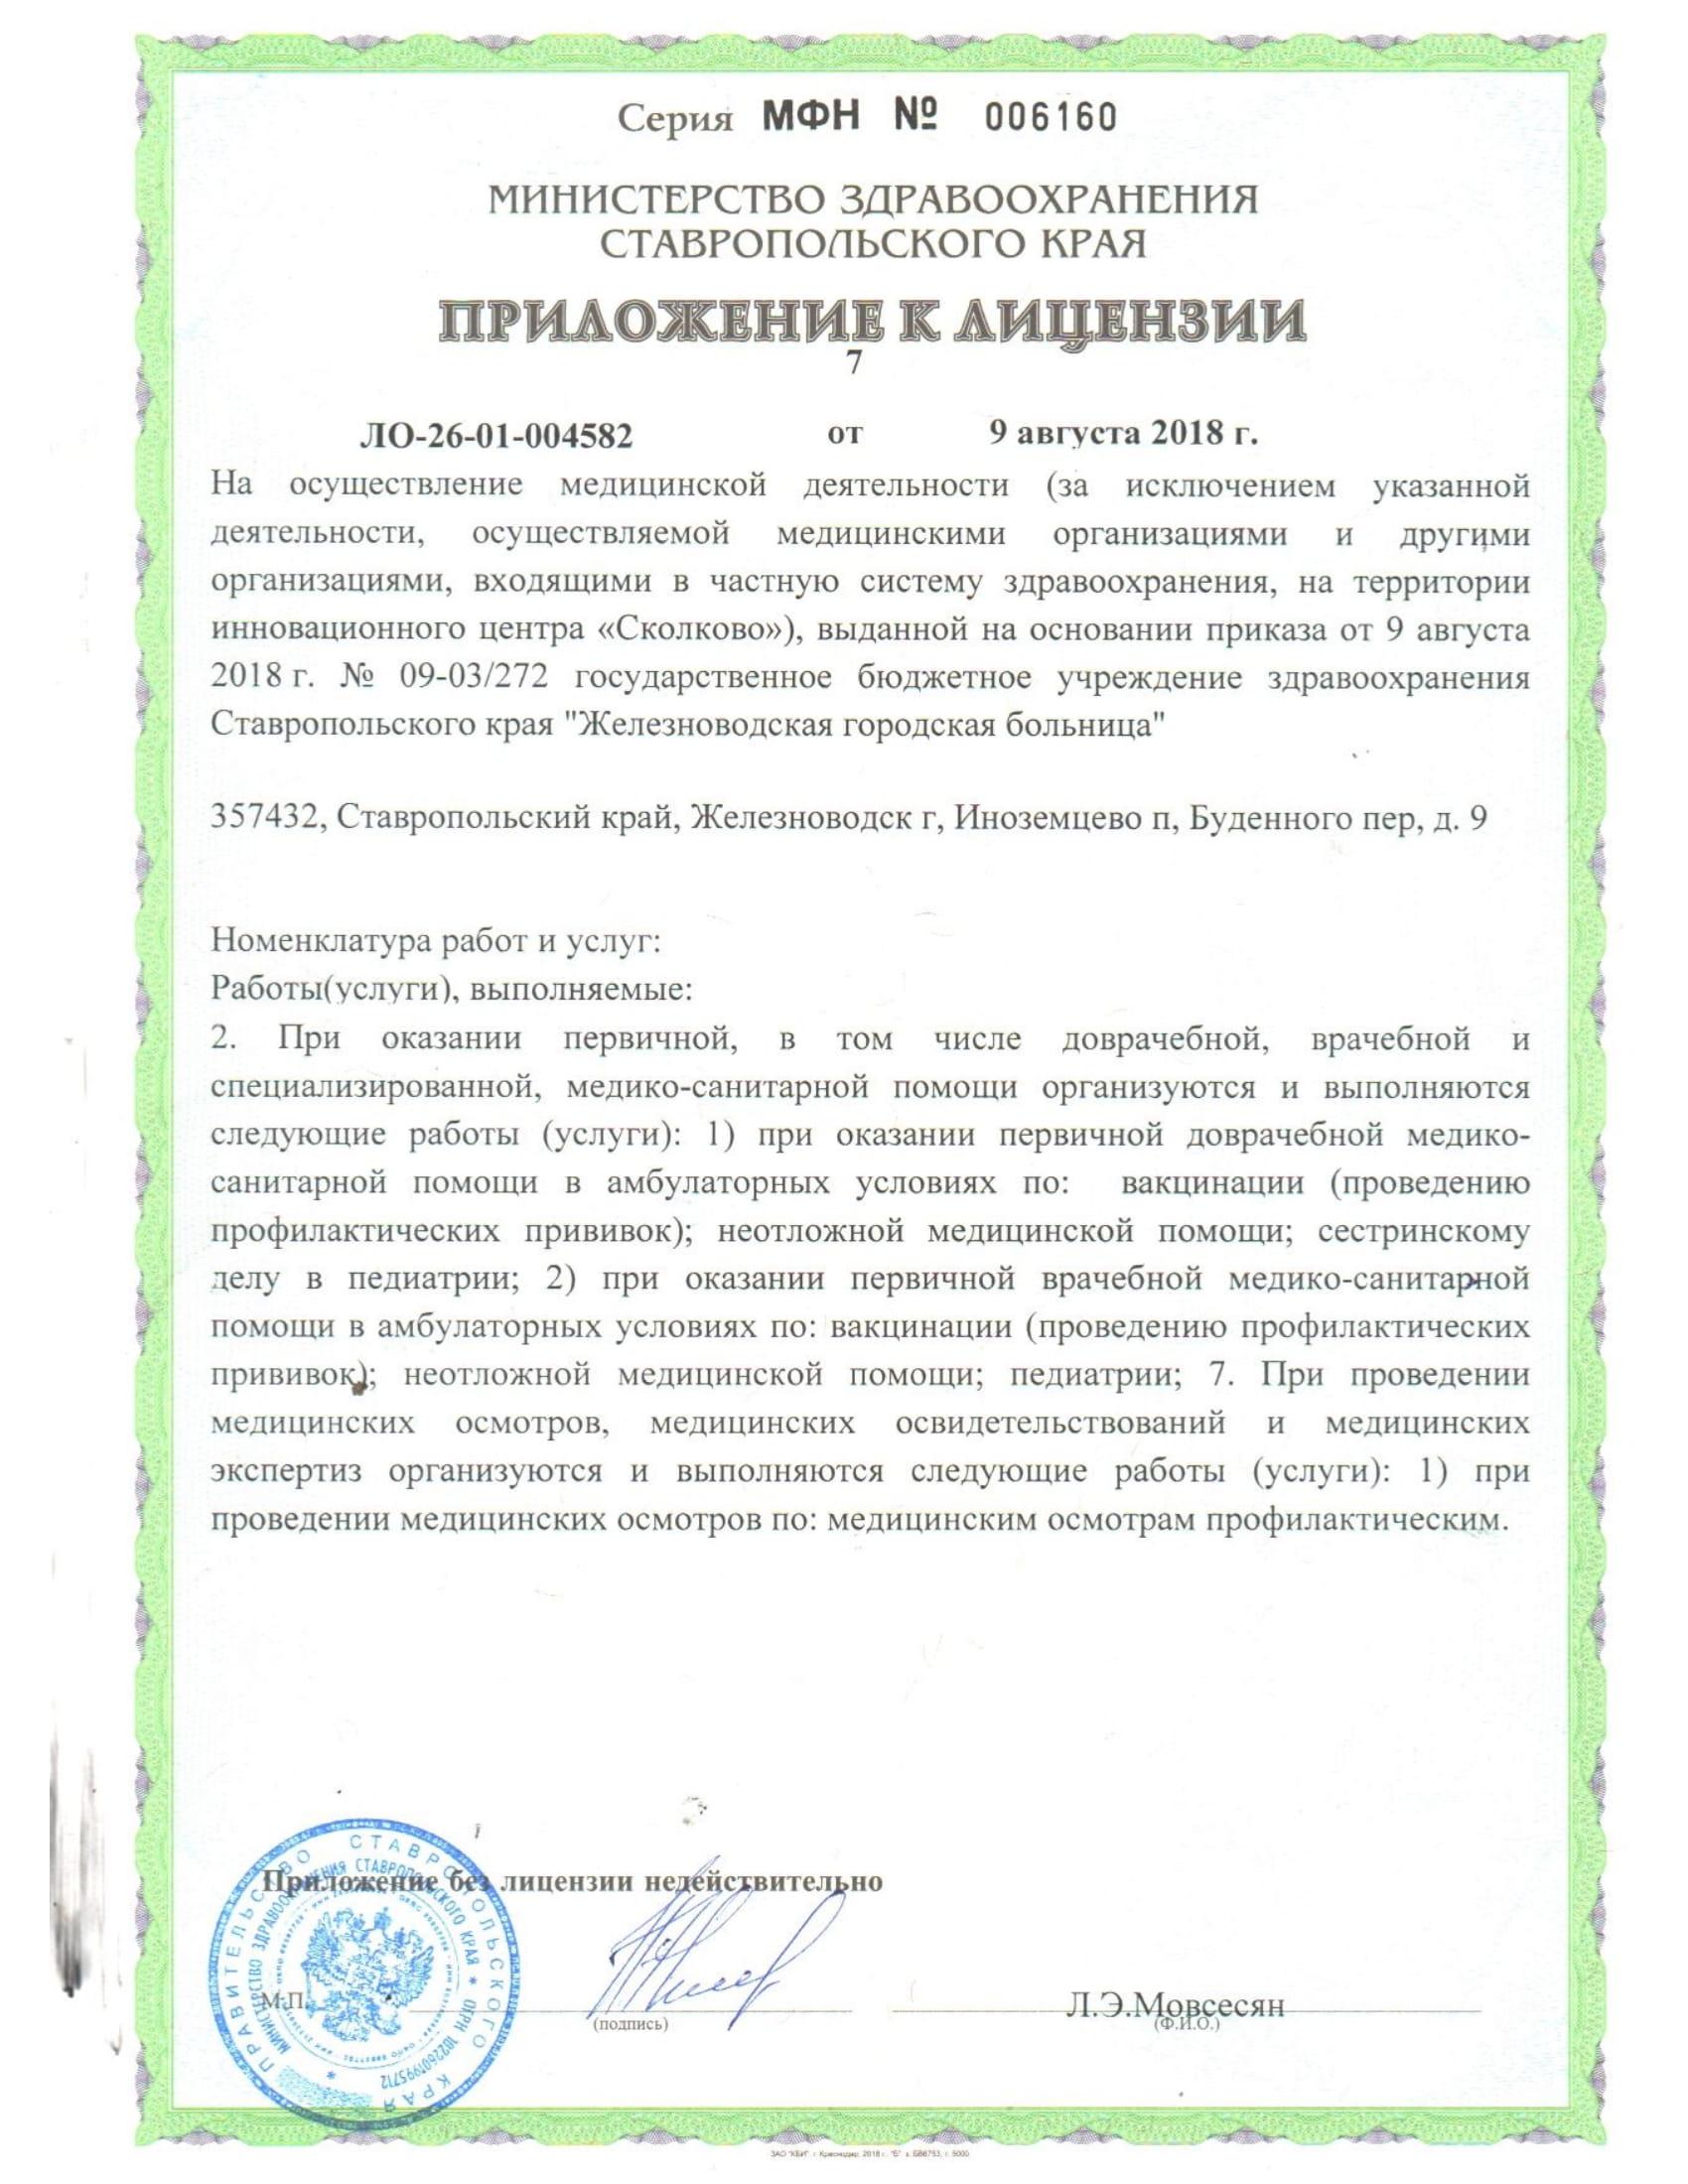 лицензия 2018 от 09.08.2018-10